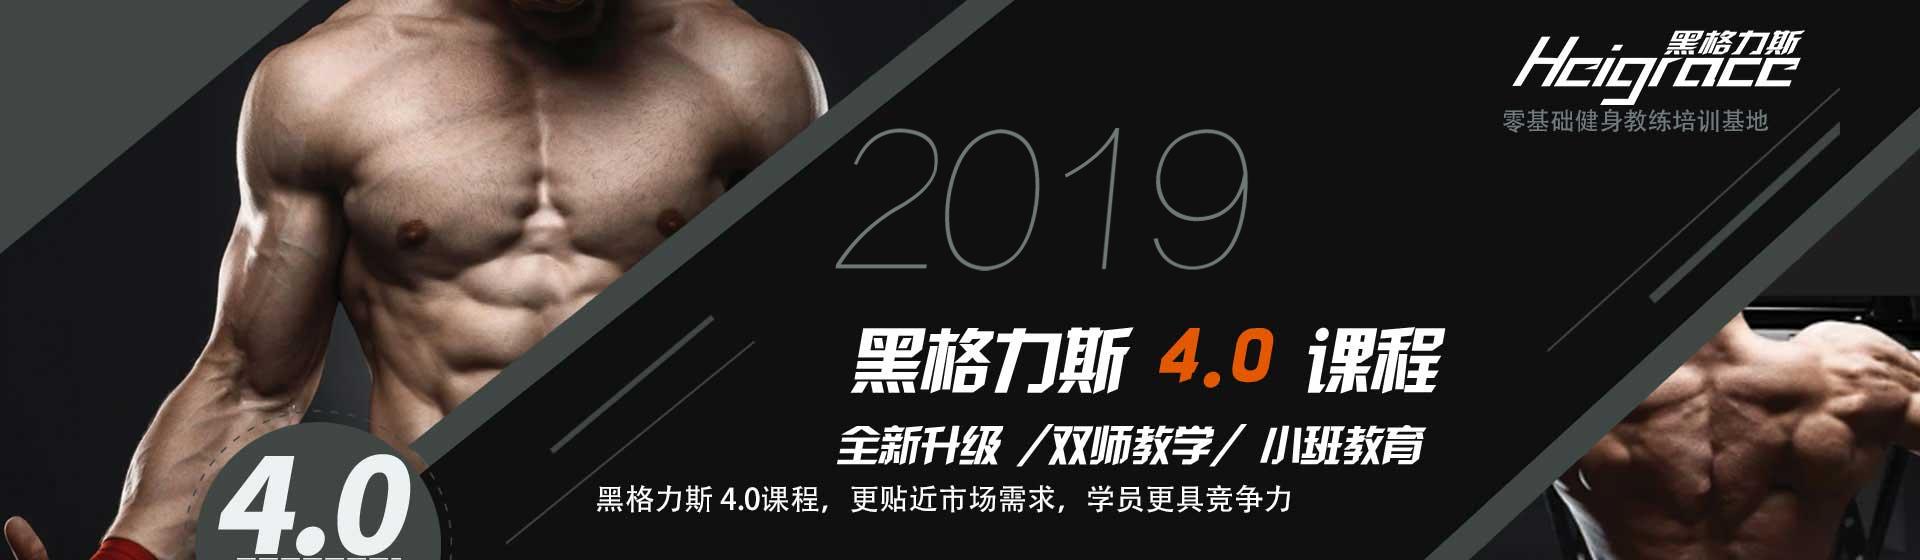 广州黑格力斯健身培训学院